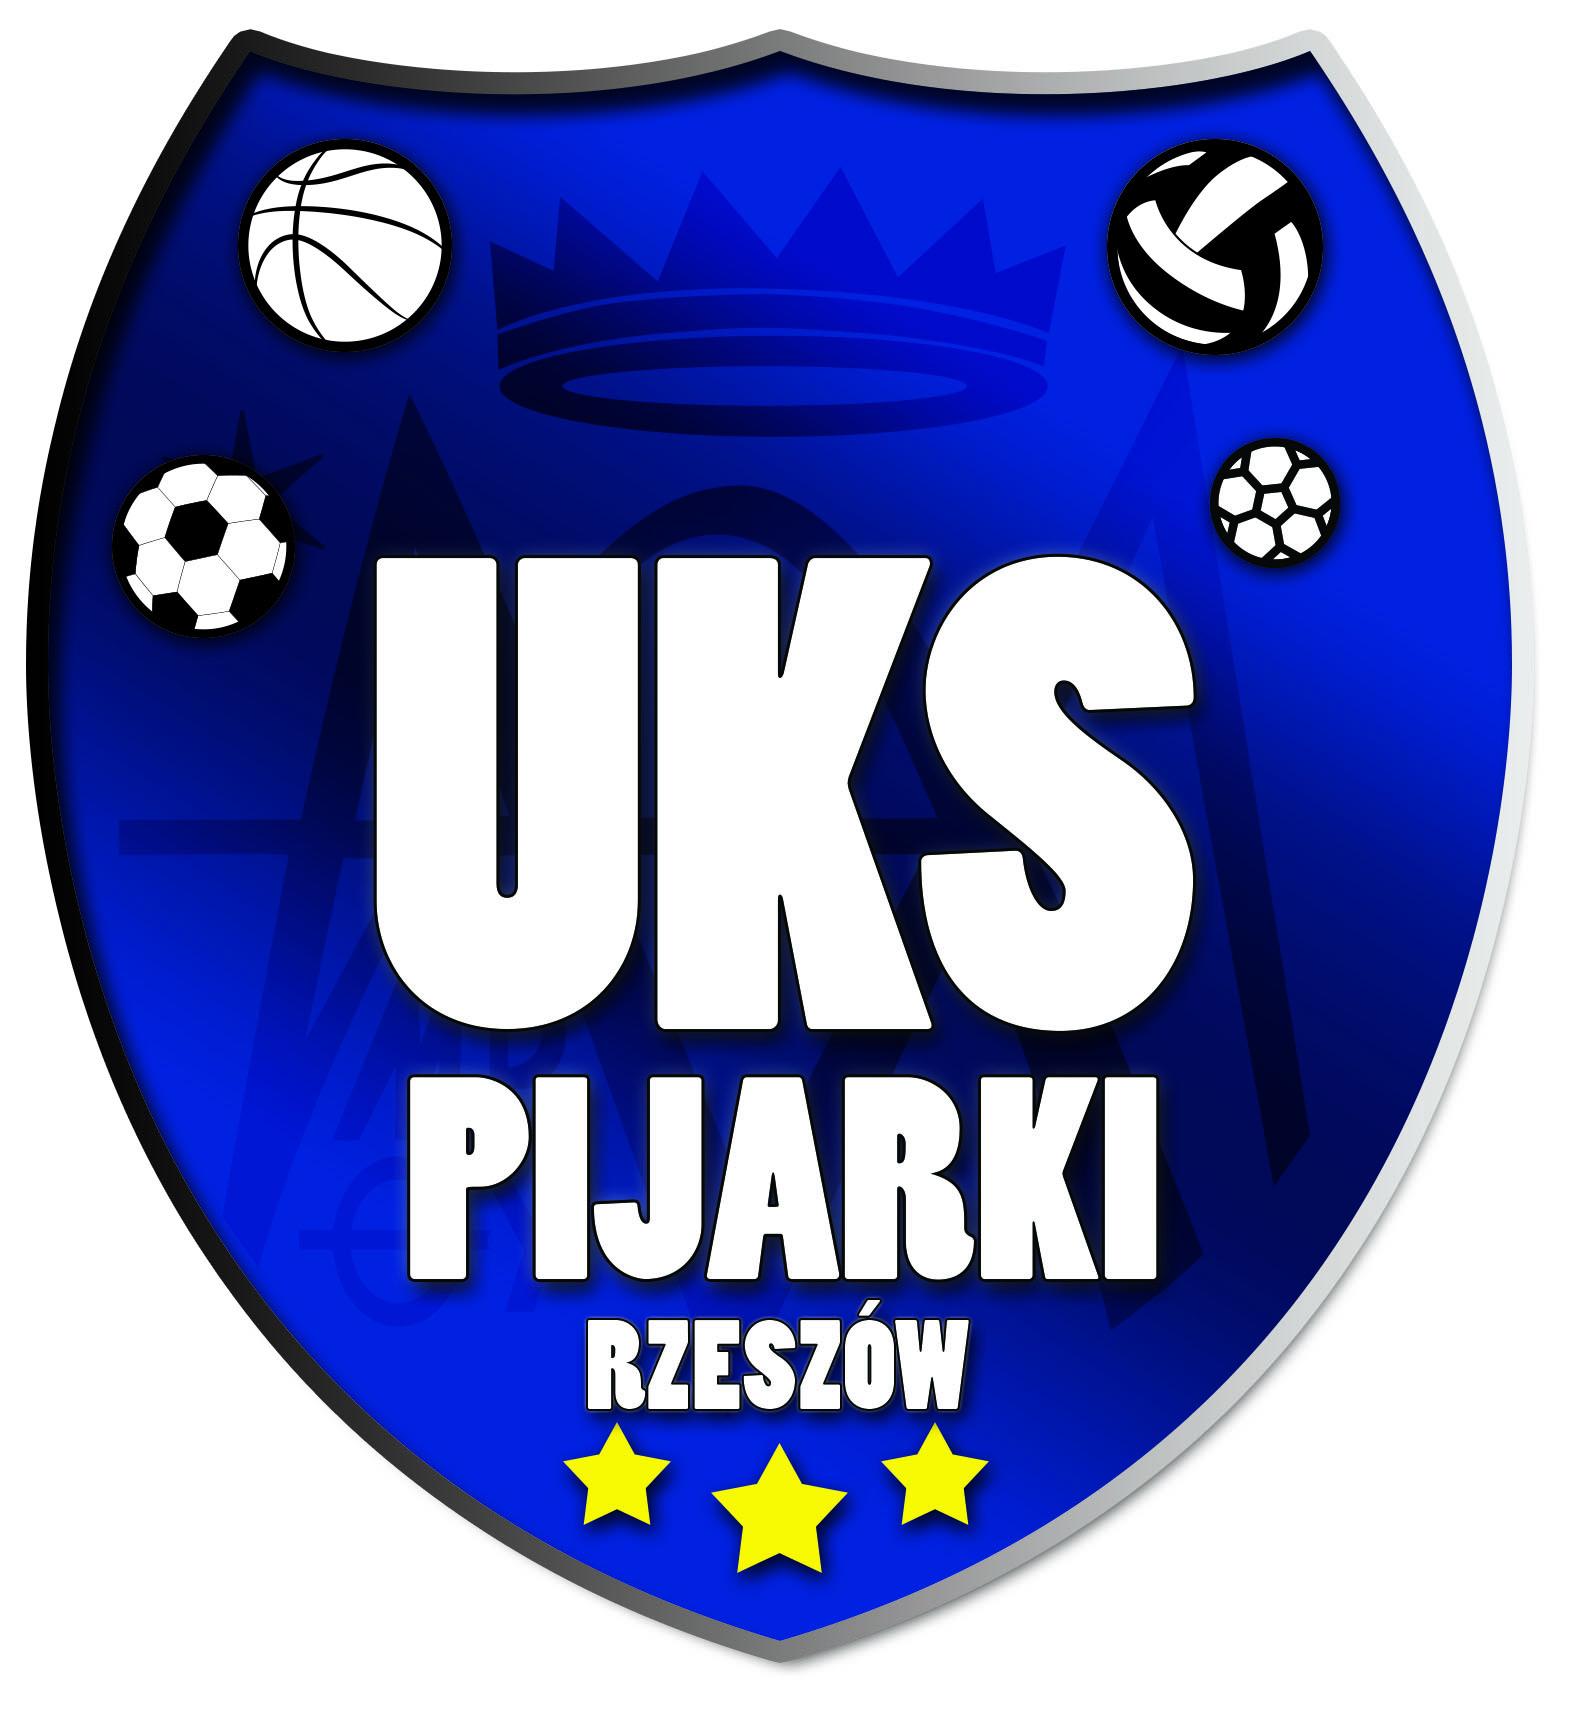 UKS_pijarki